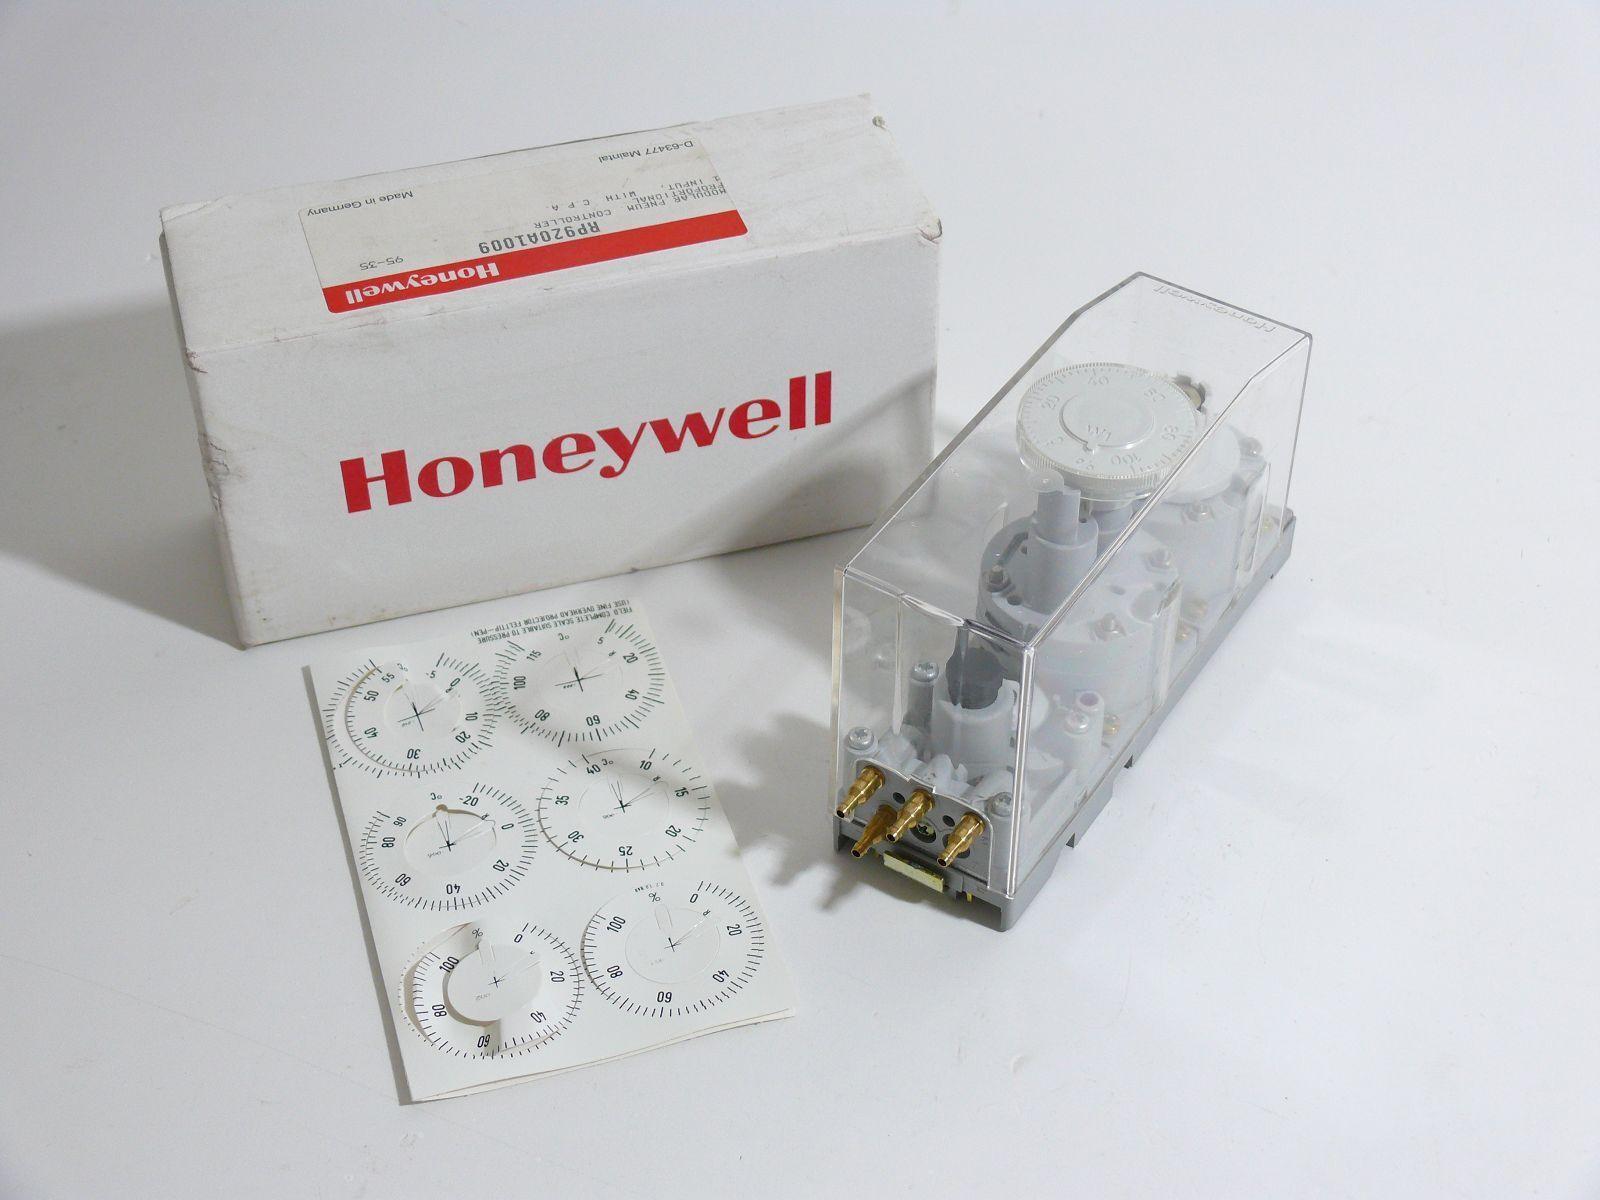 Honeywell Modular Pneumatischer Controller RP920A1009